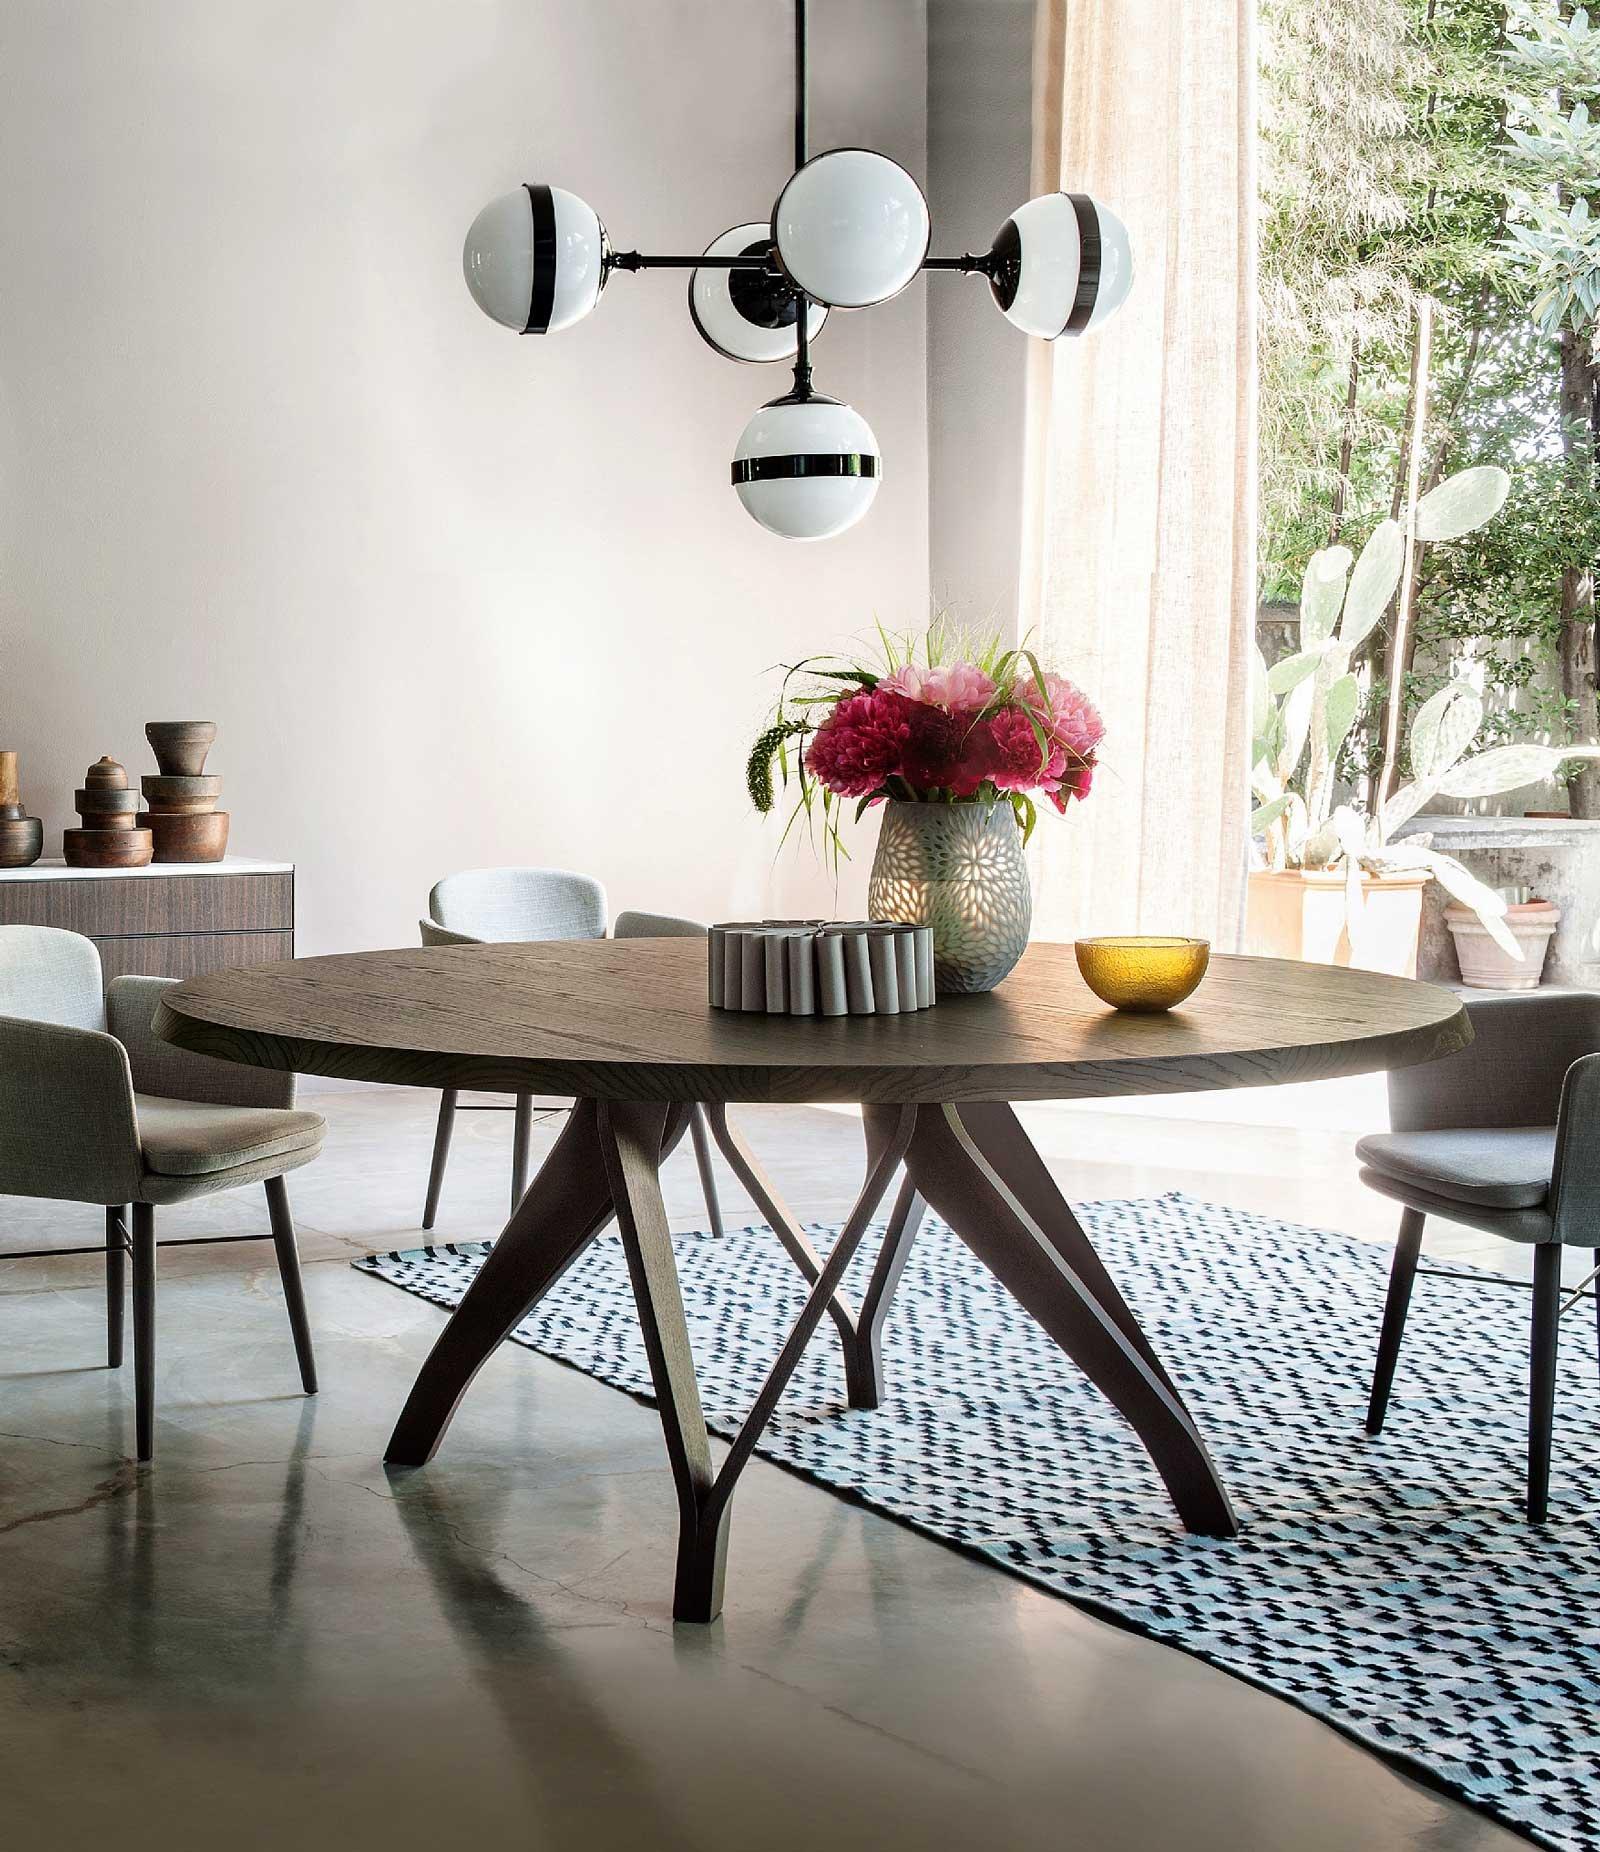 Tavoli sedie lampade come abbinarli cose di casa for Tavole e sedie da cucina